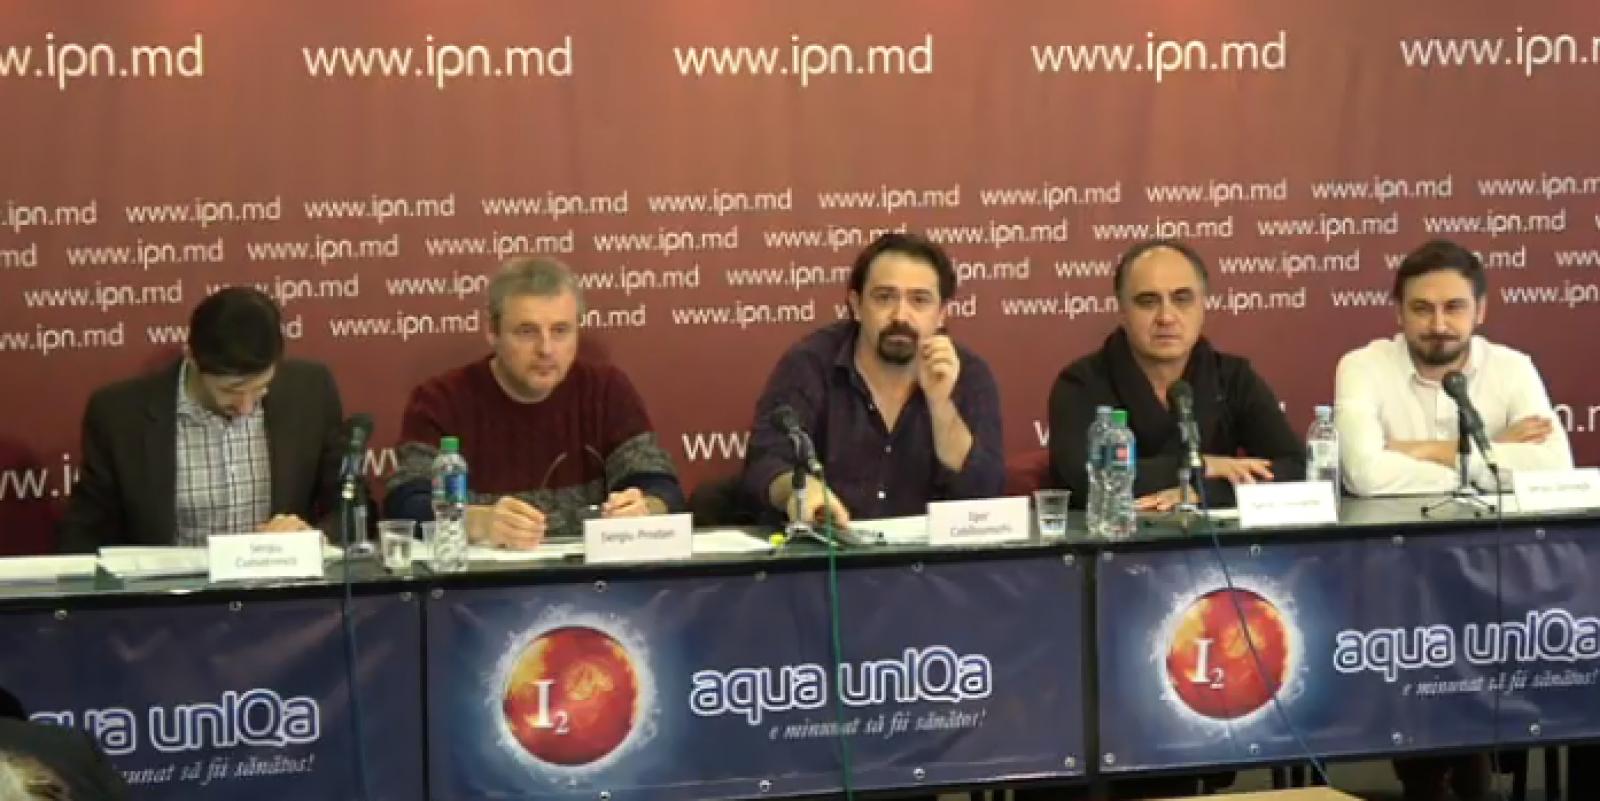 """(video) Mai mulți cineaști sesizează nereguli la Centrul Național al Cinematografiei din Moldova: """"În loc de CNC se construiește un mausoleu al dlui Jereghi"""""""